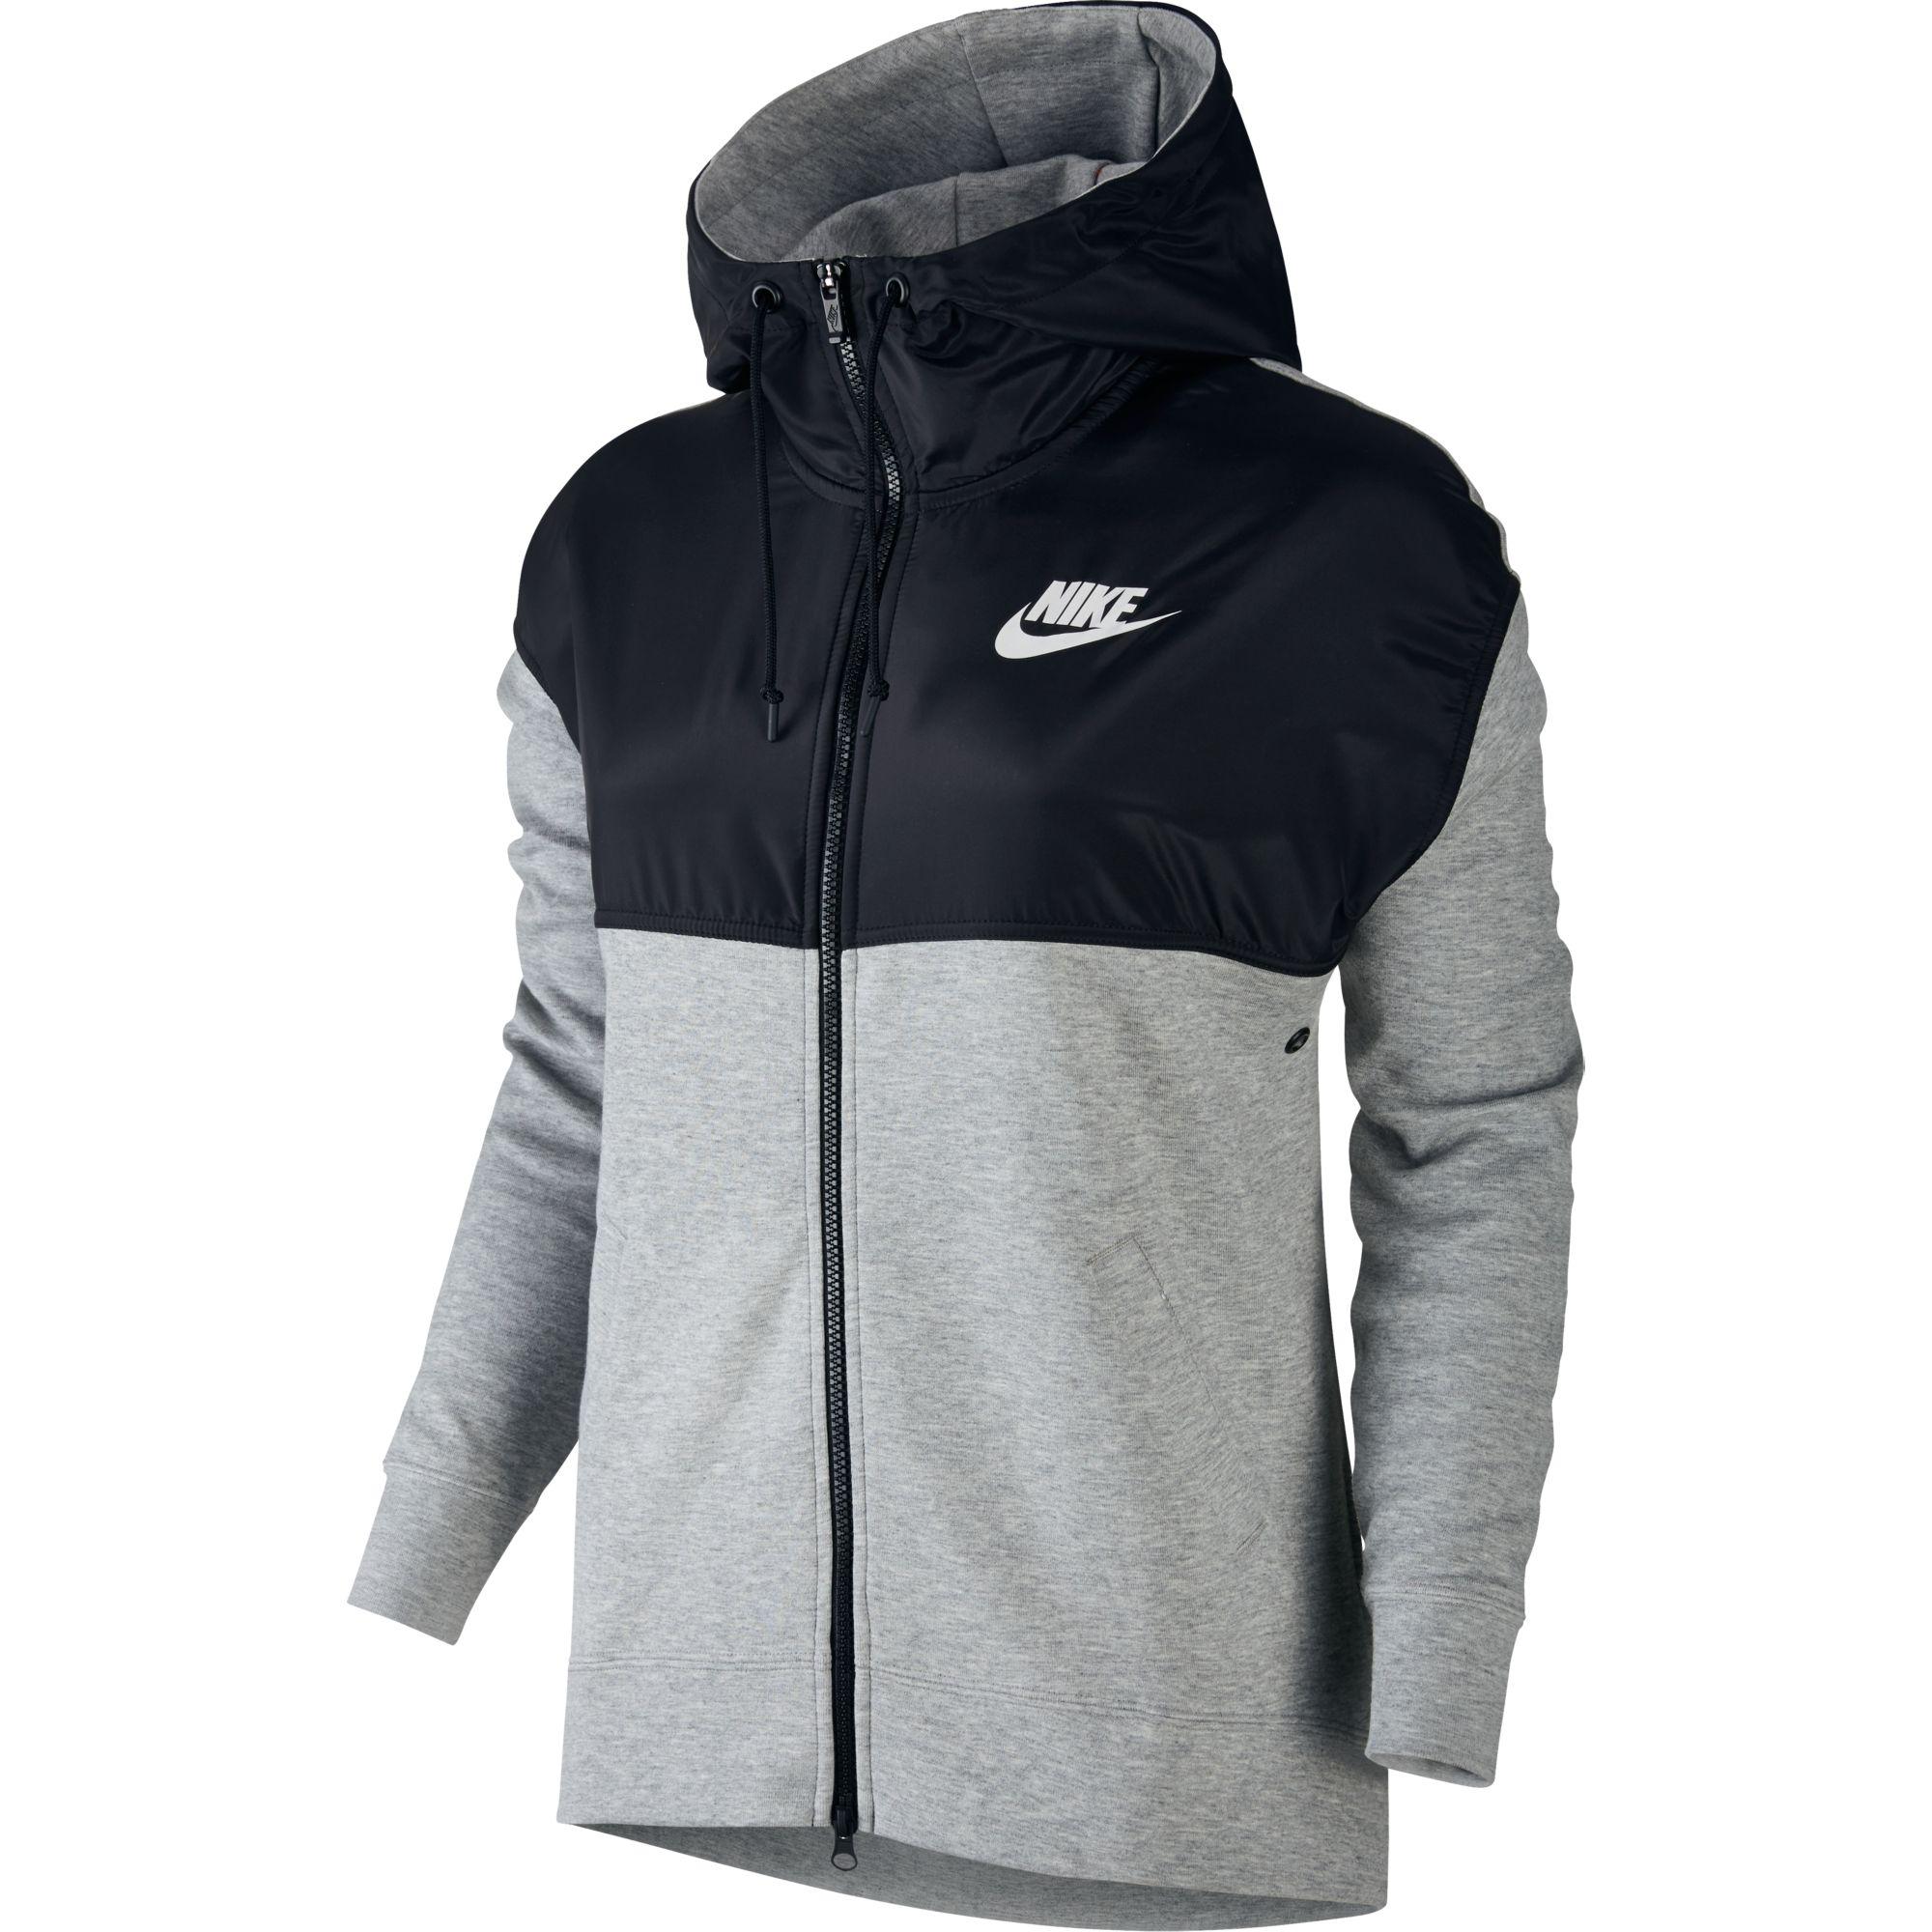 Fwwobqe Advance Capuche Sweat À Sportswear Nike Pour 15 Femme Ekinsport YwI7xTzWqP